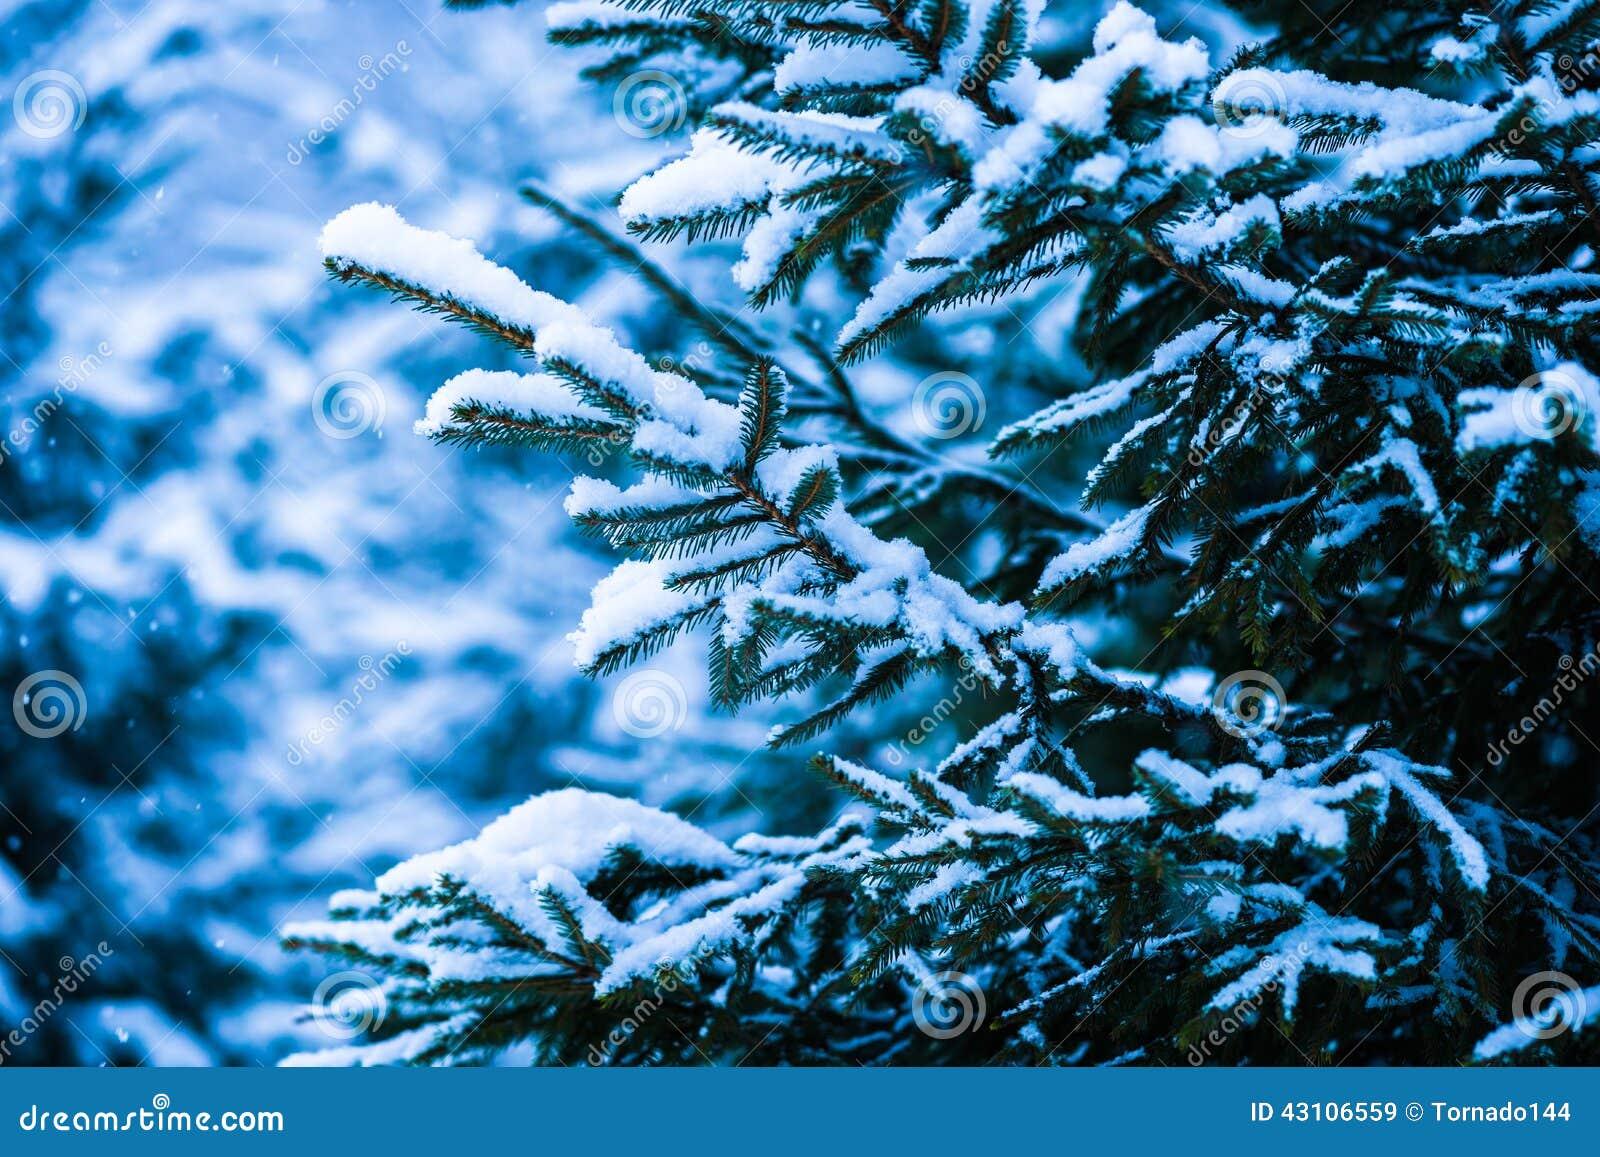 Winter Snow Christmas Tree 9 Stock Photo